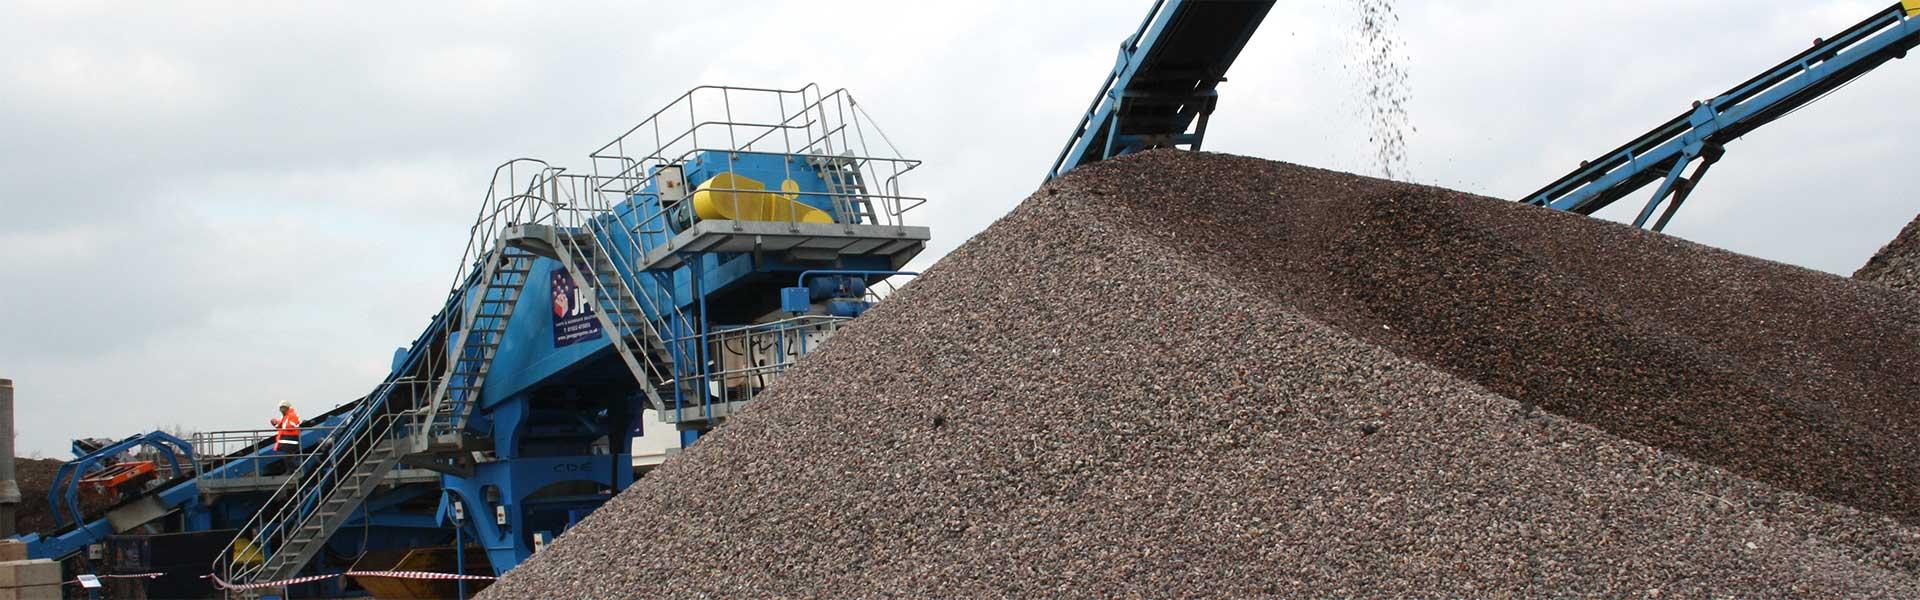 aggregate pile